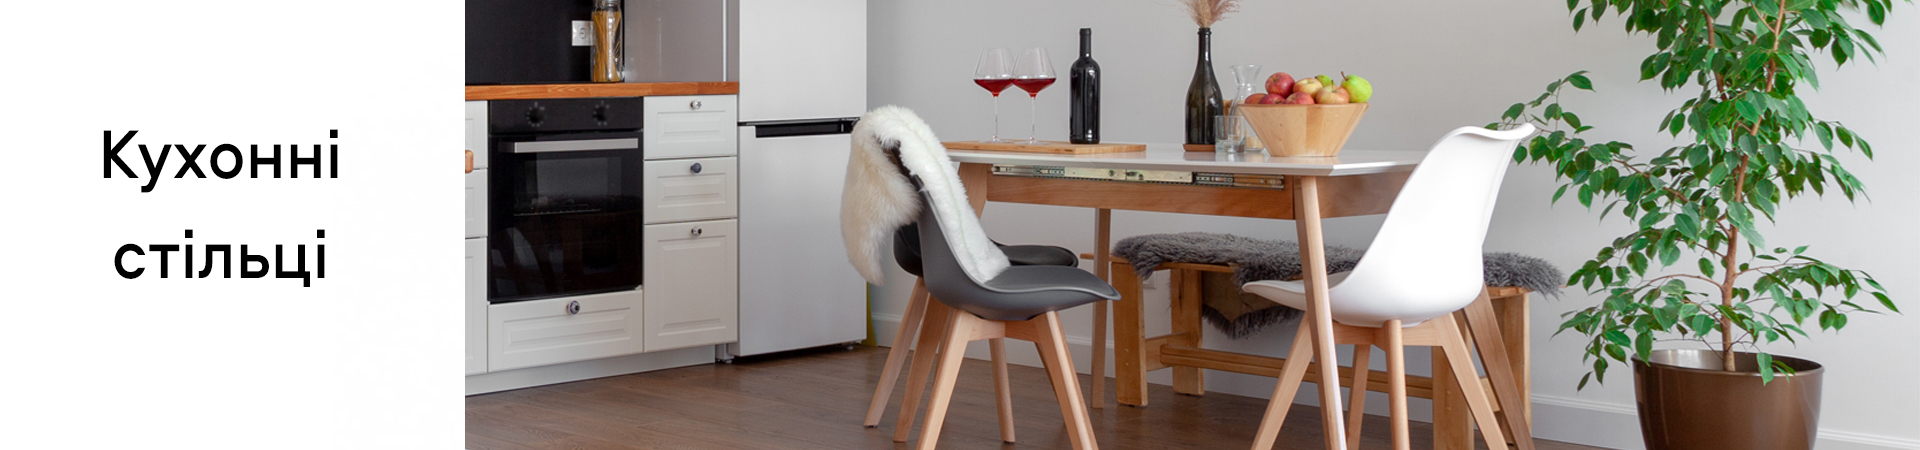 Кухонні стільці Колір Гірчичний